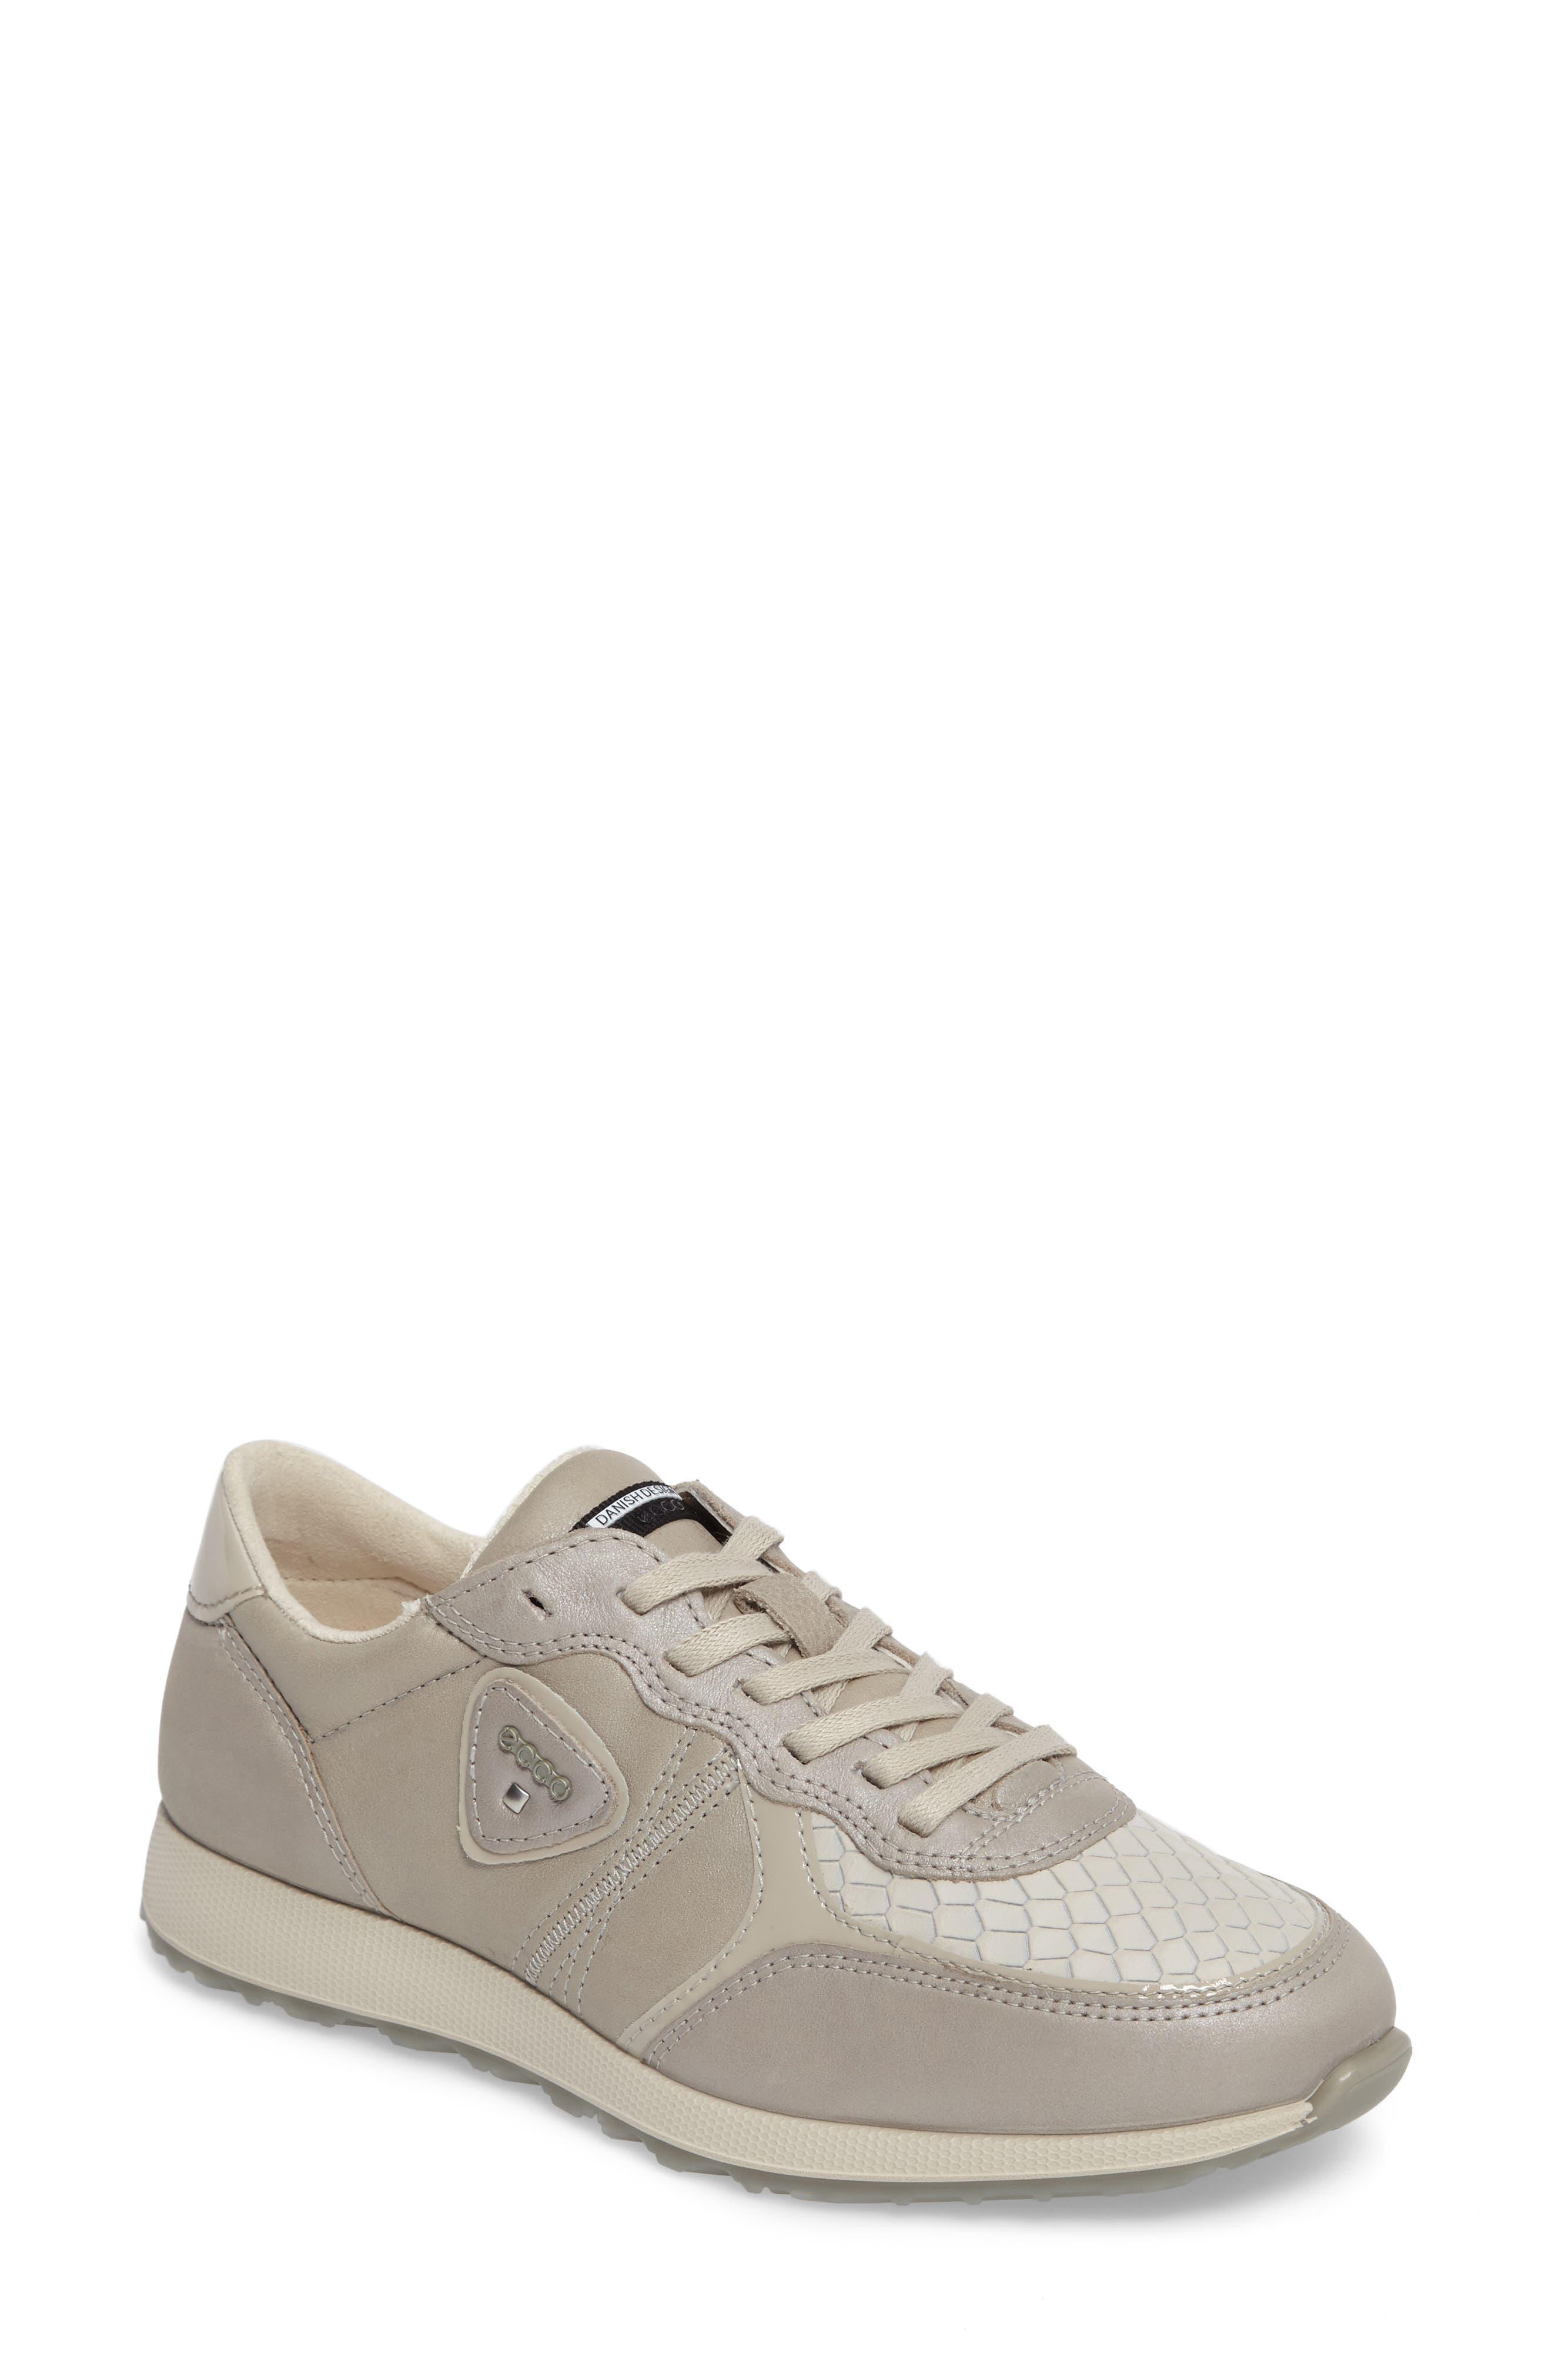 Ecco Retro Sneaker, Grey